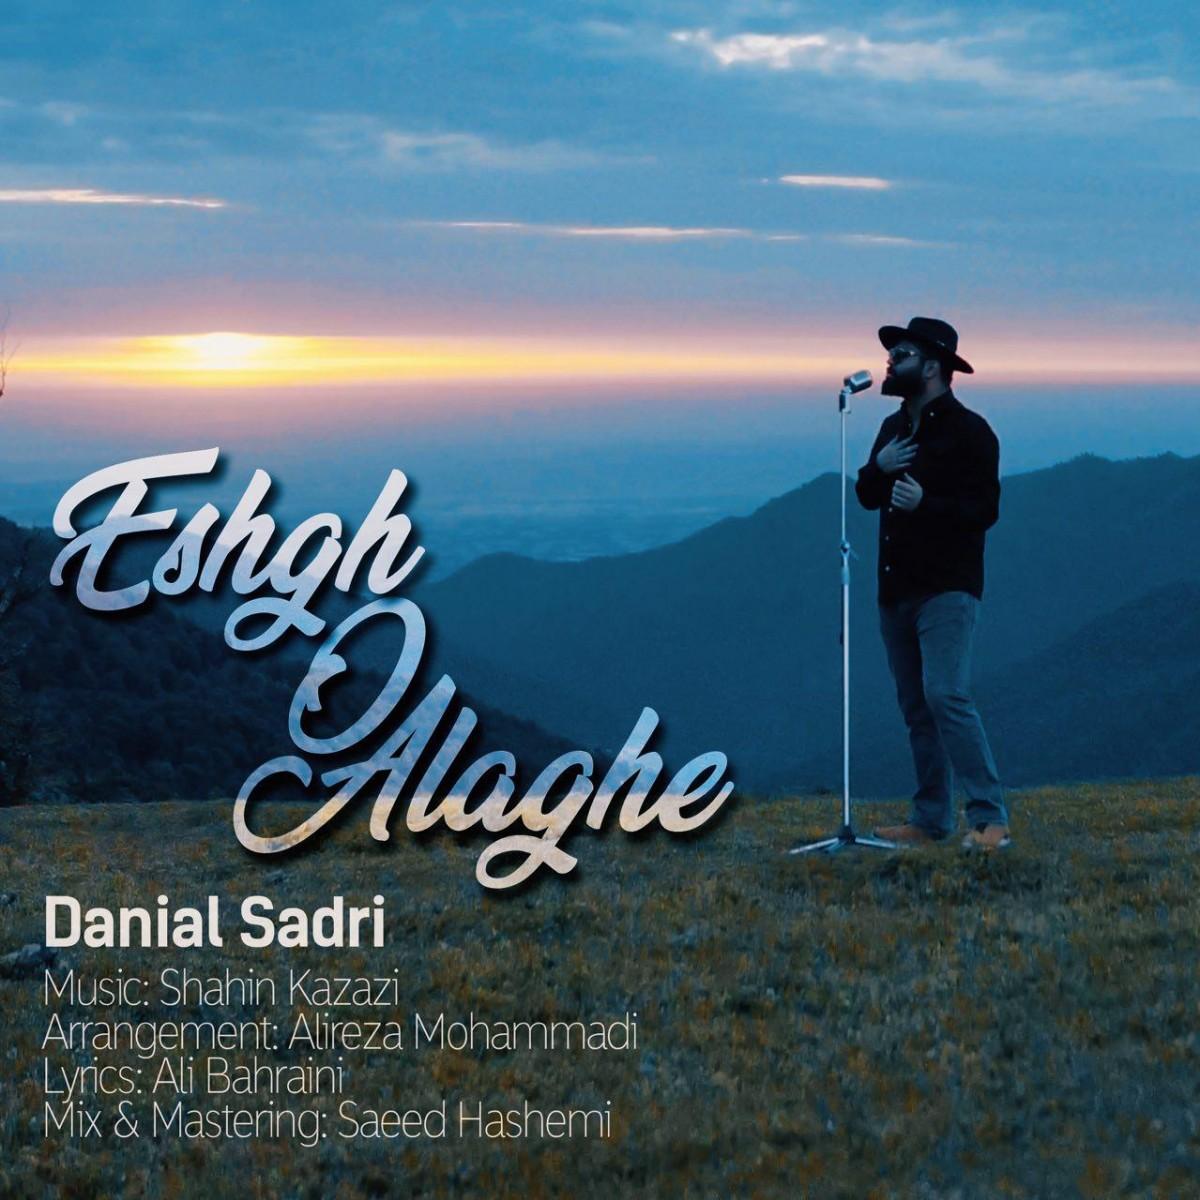 نامبر وان موزیک | دانلود آهنگ جدید Danial-Sadri-Eshgh-o-Alaghe